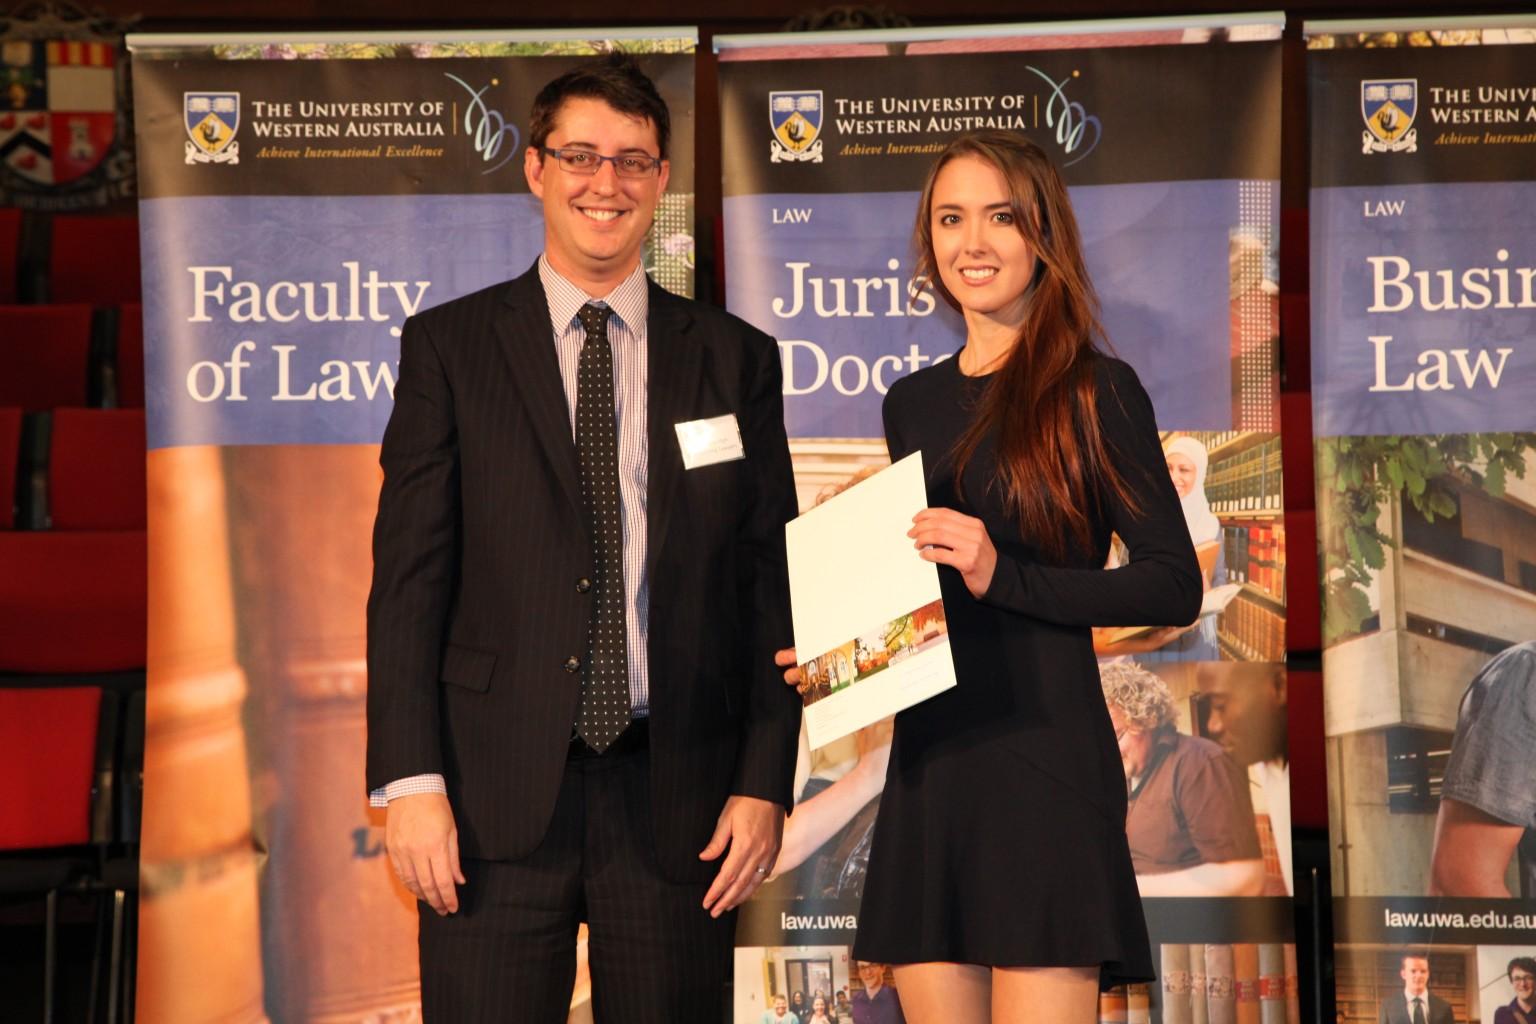 Uwa law school prizes